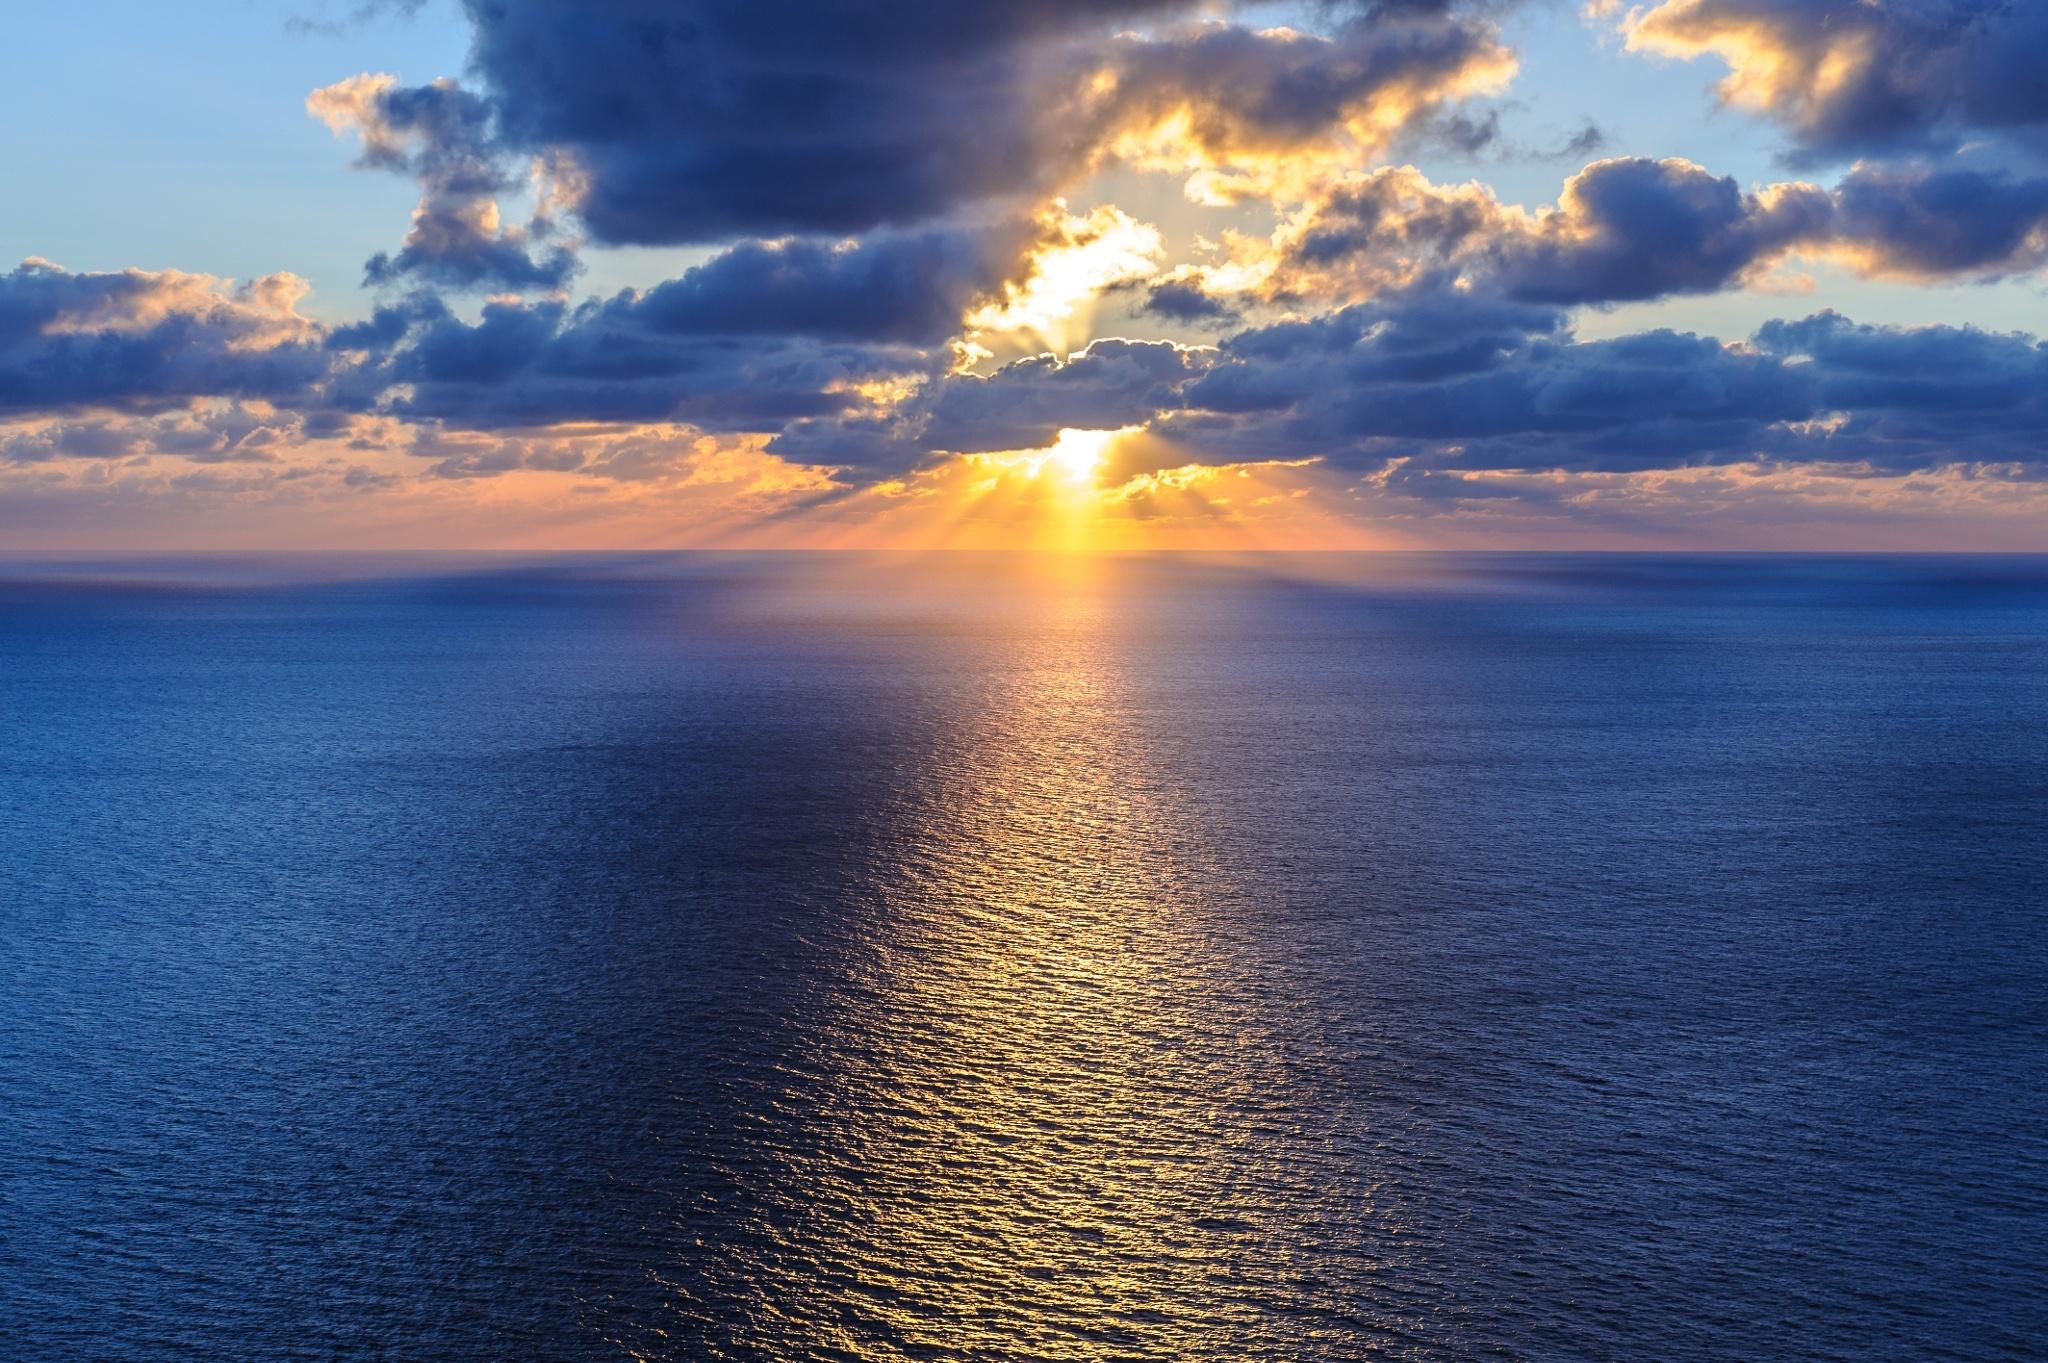 155666 завантажити шпалери Море, Природа, Хмари, Небокрай, Горизонт, Океан - заставки і картинки безкоштовно